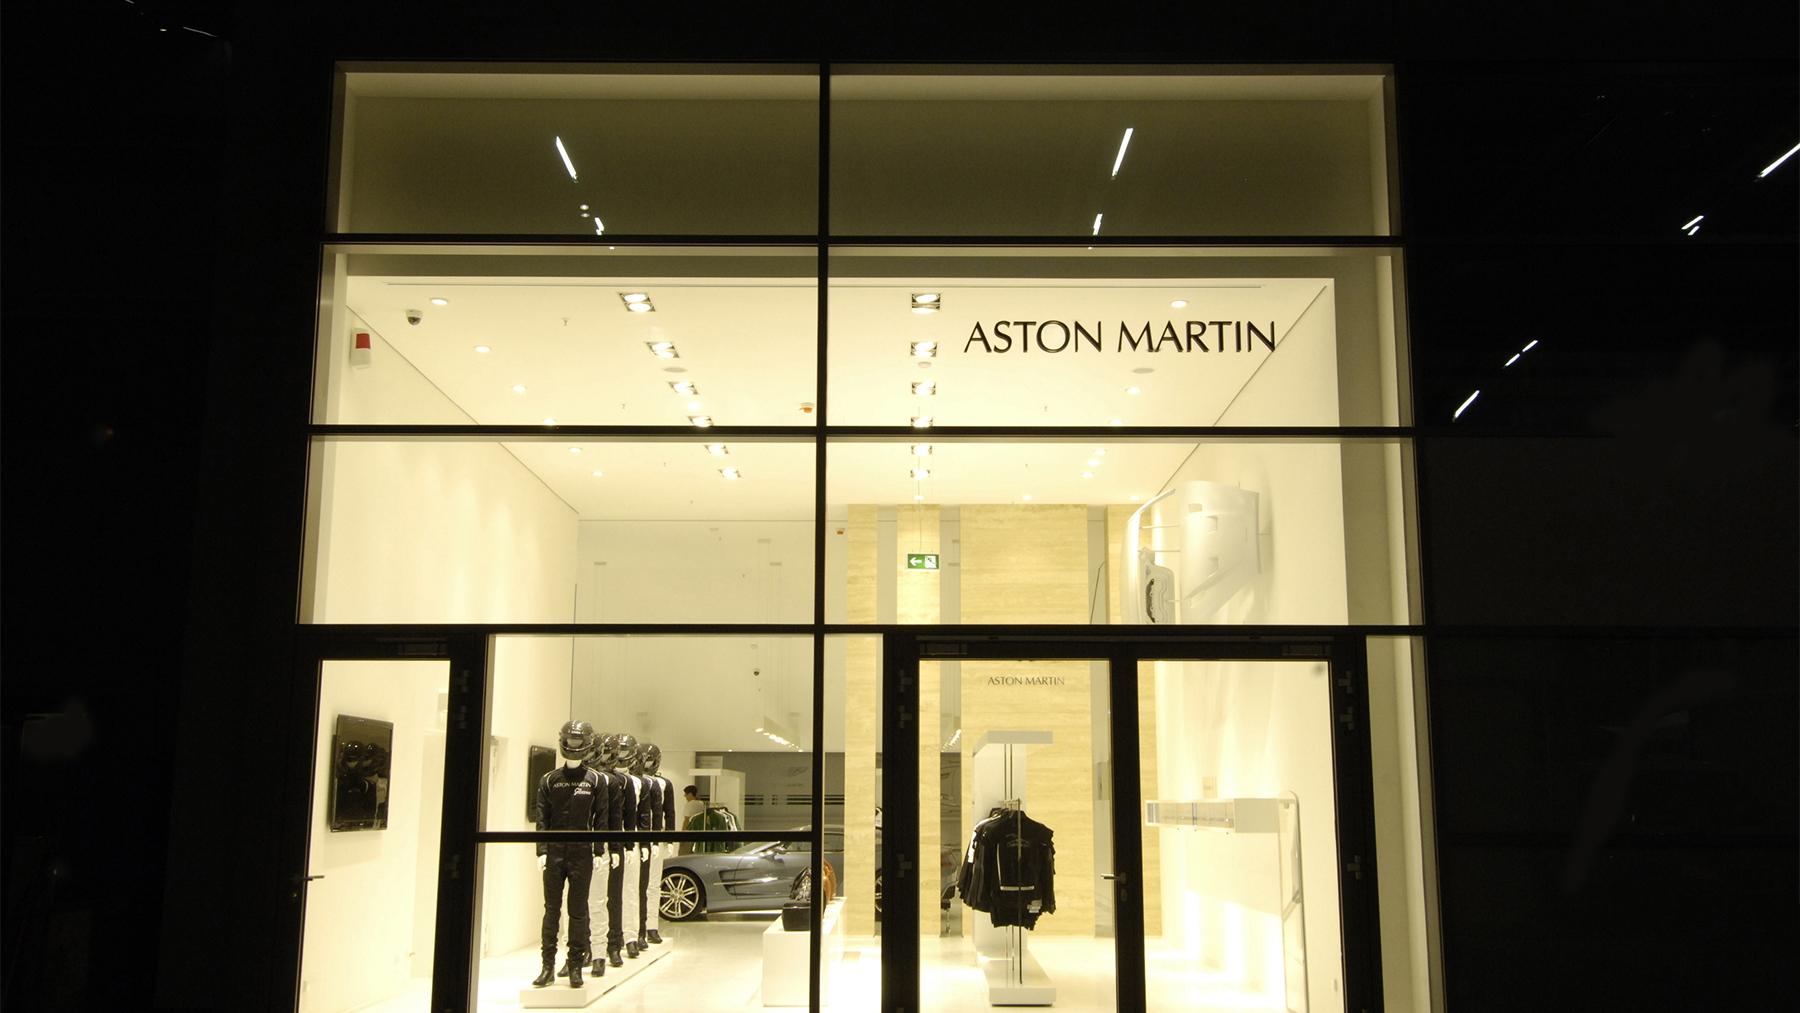 aston martin nurburgring store 003